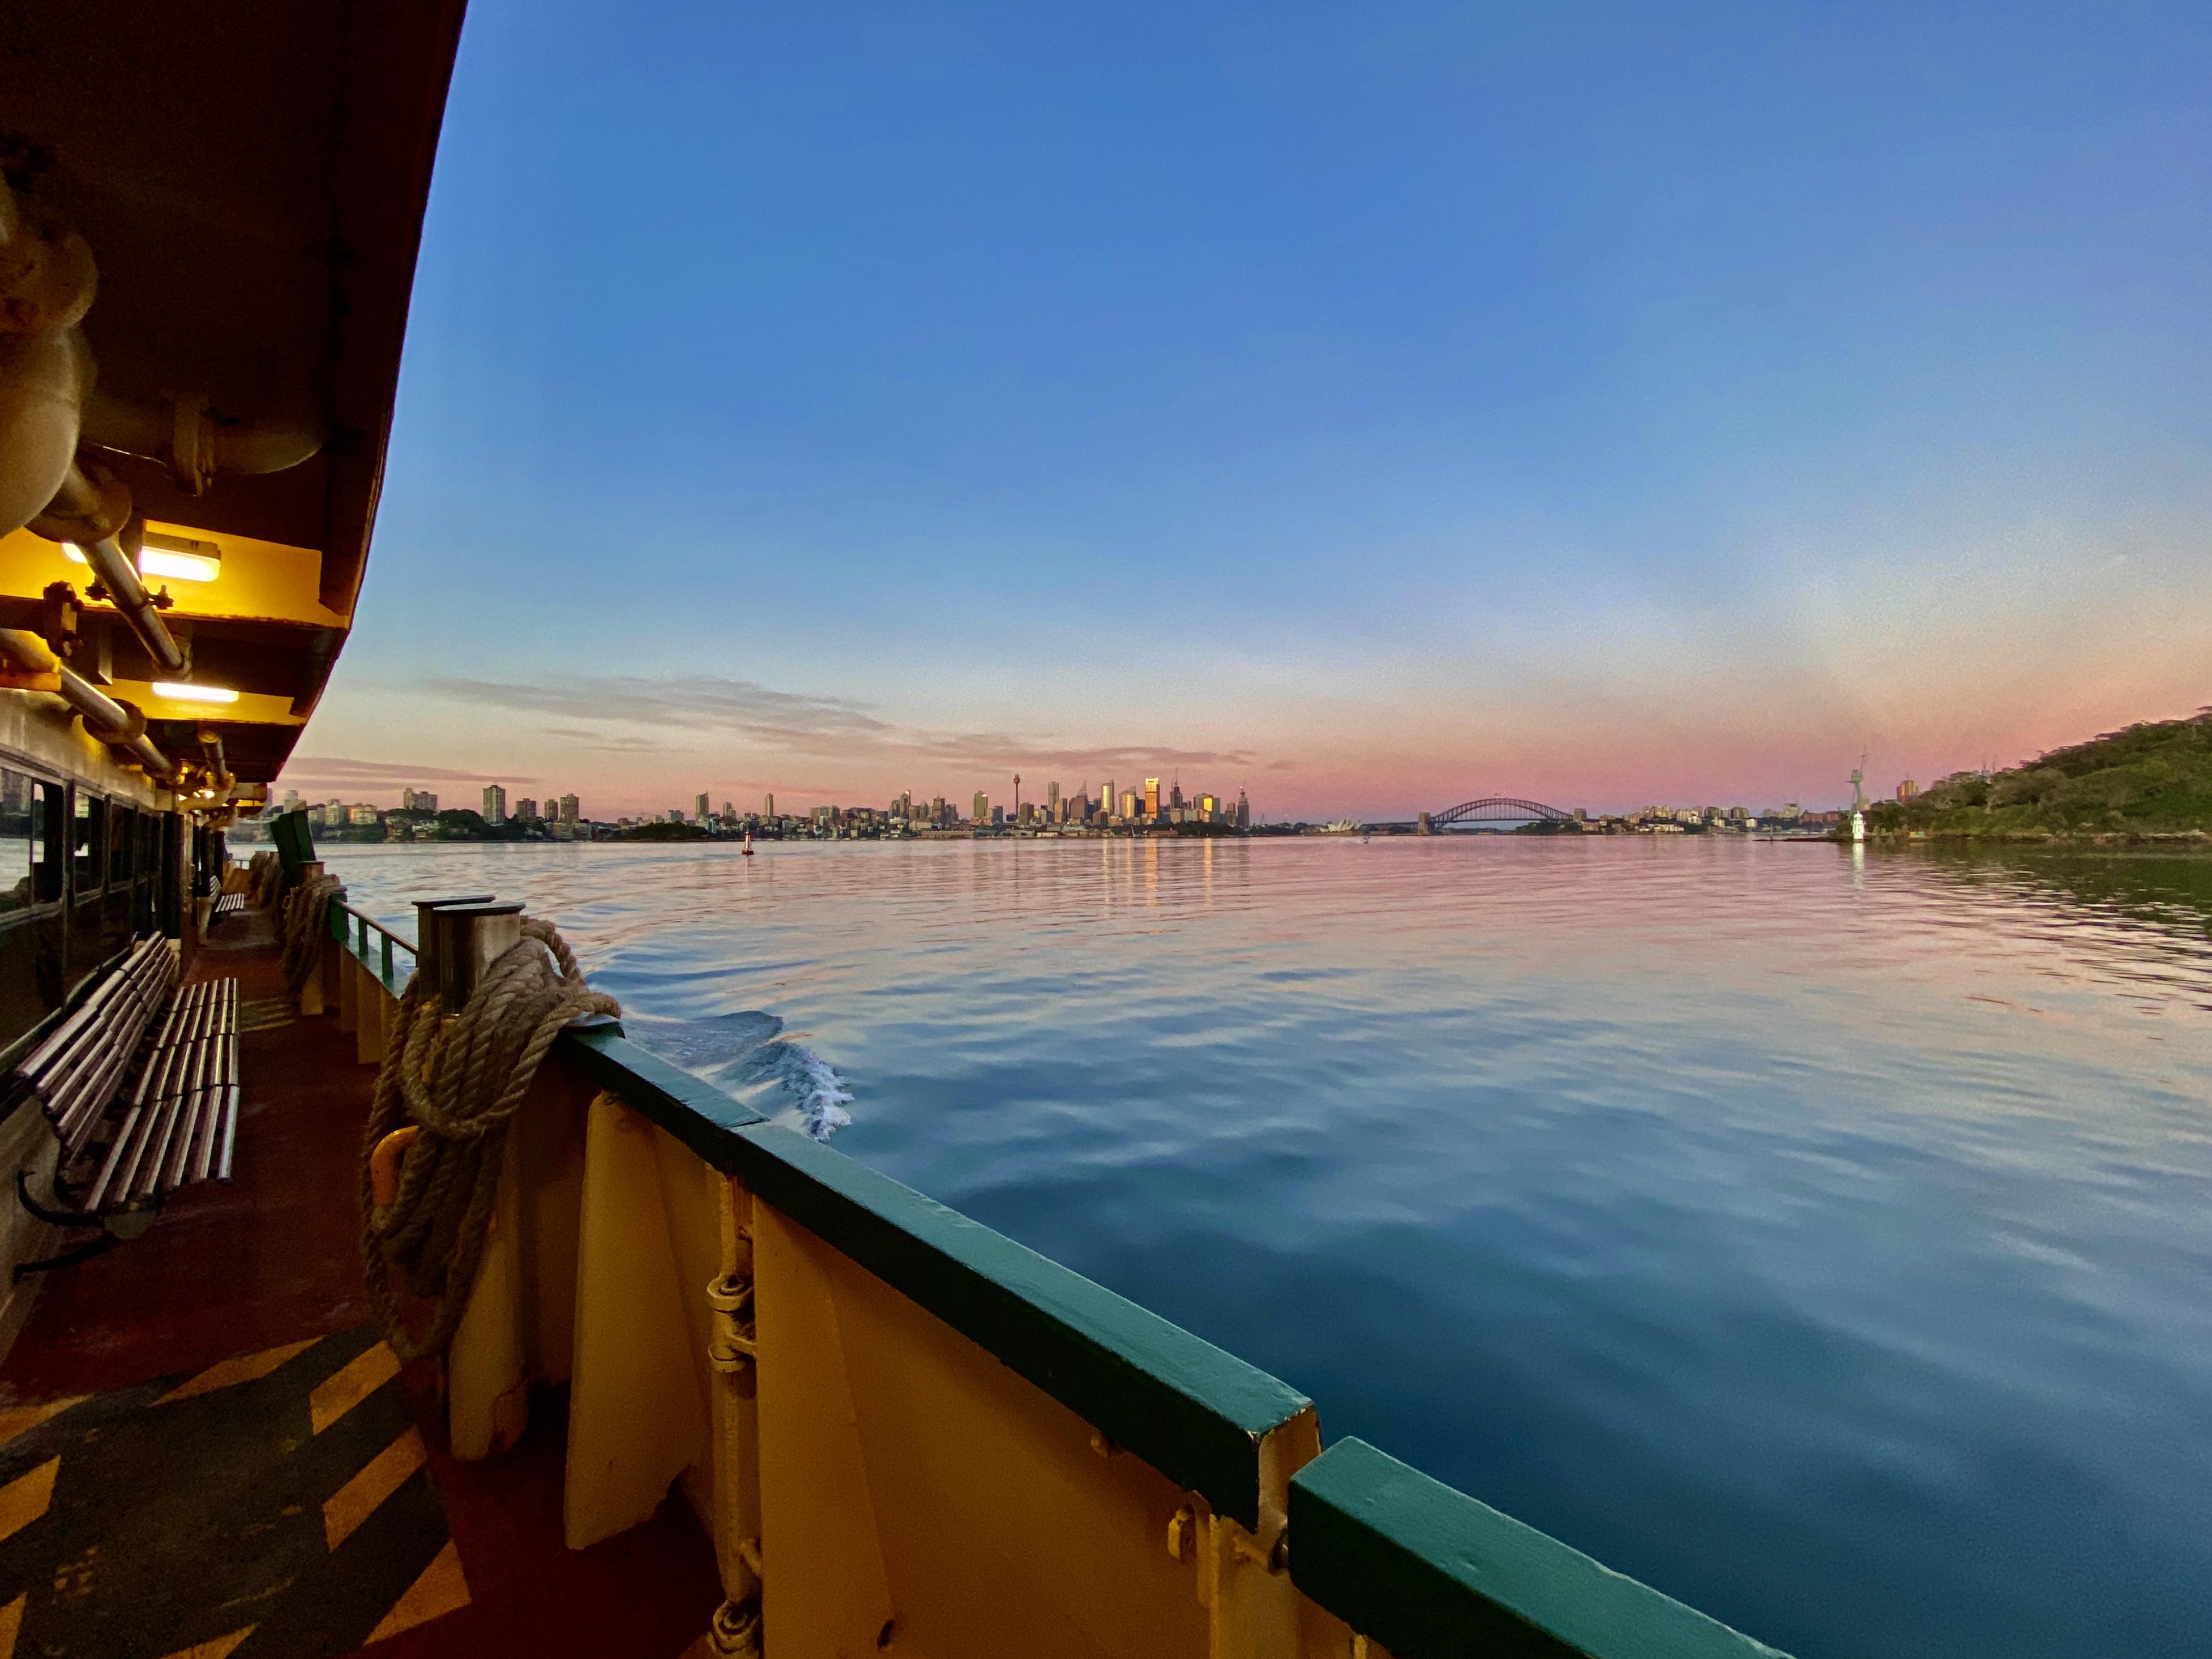 calpic-freshwater-sunset-bridge-15-nov-shiny-seats-img_0483